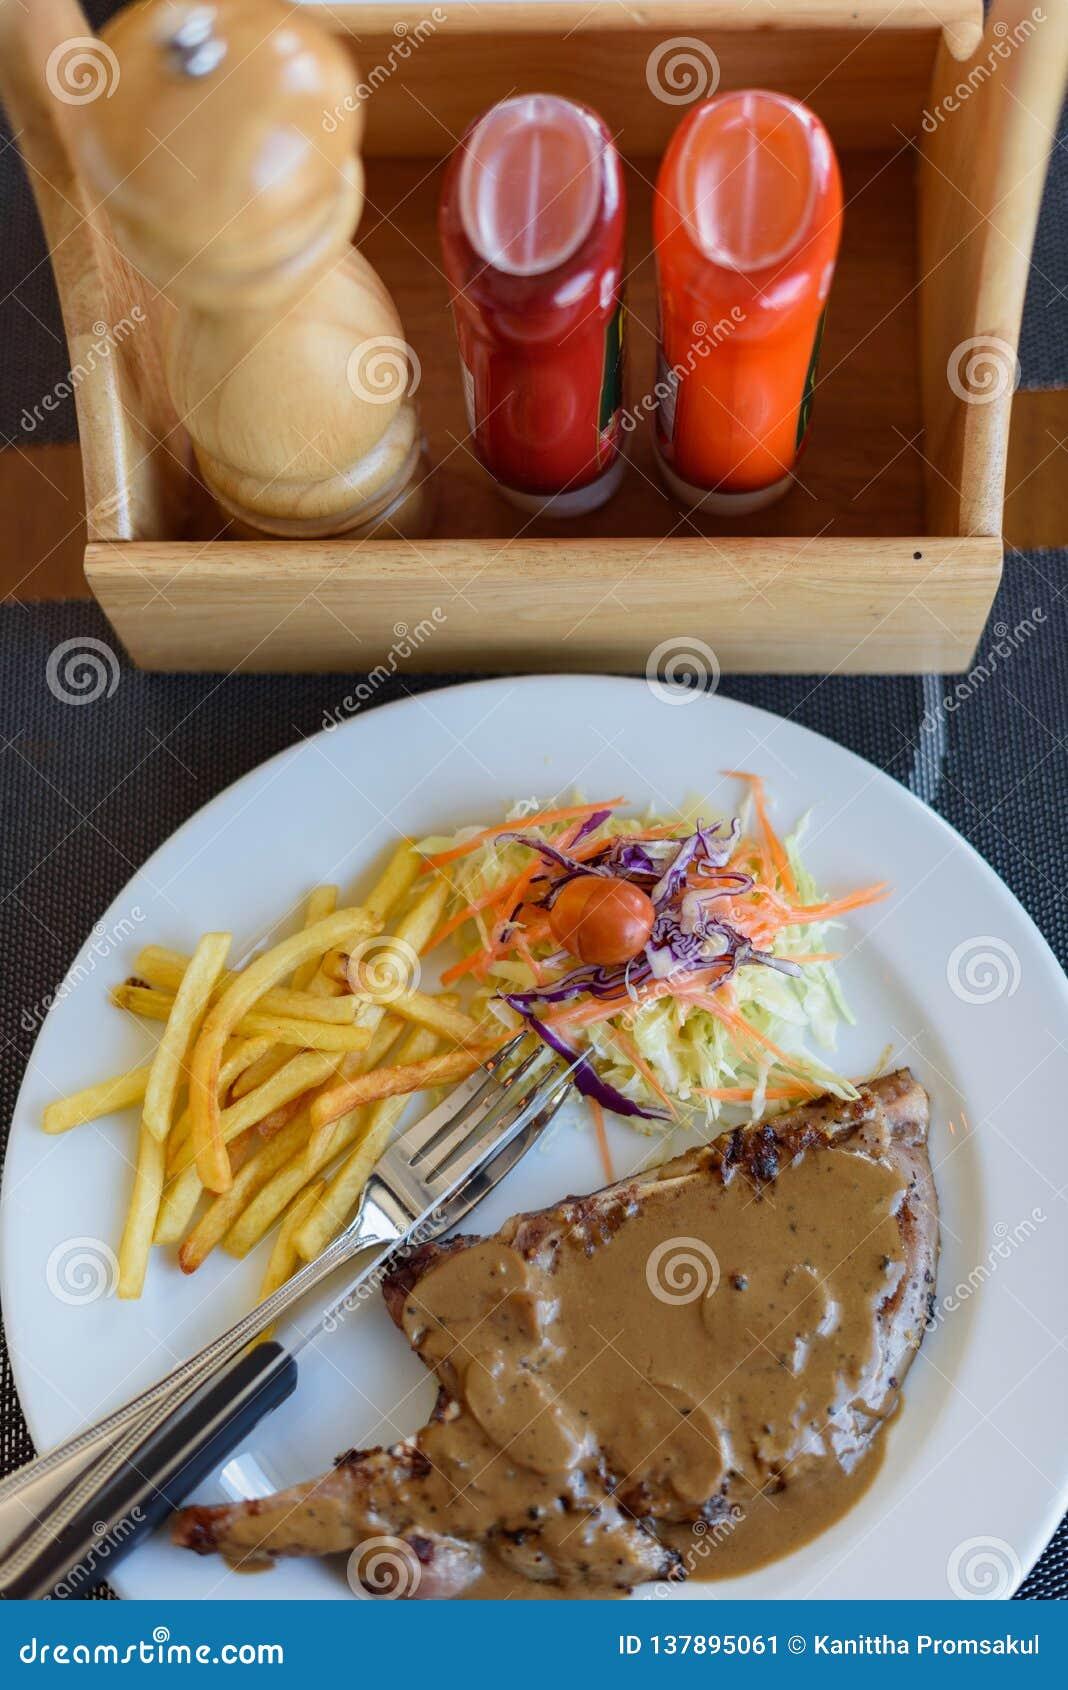 Côtelette de porc grillée avec de la sauce au poivre, les légumes et les pommes frites noirs